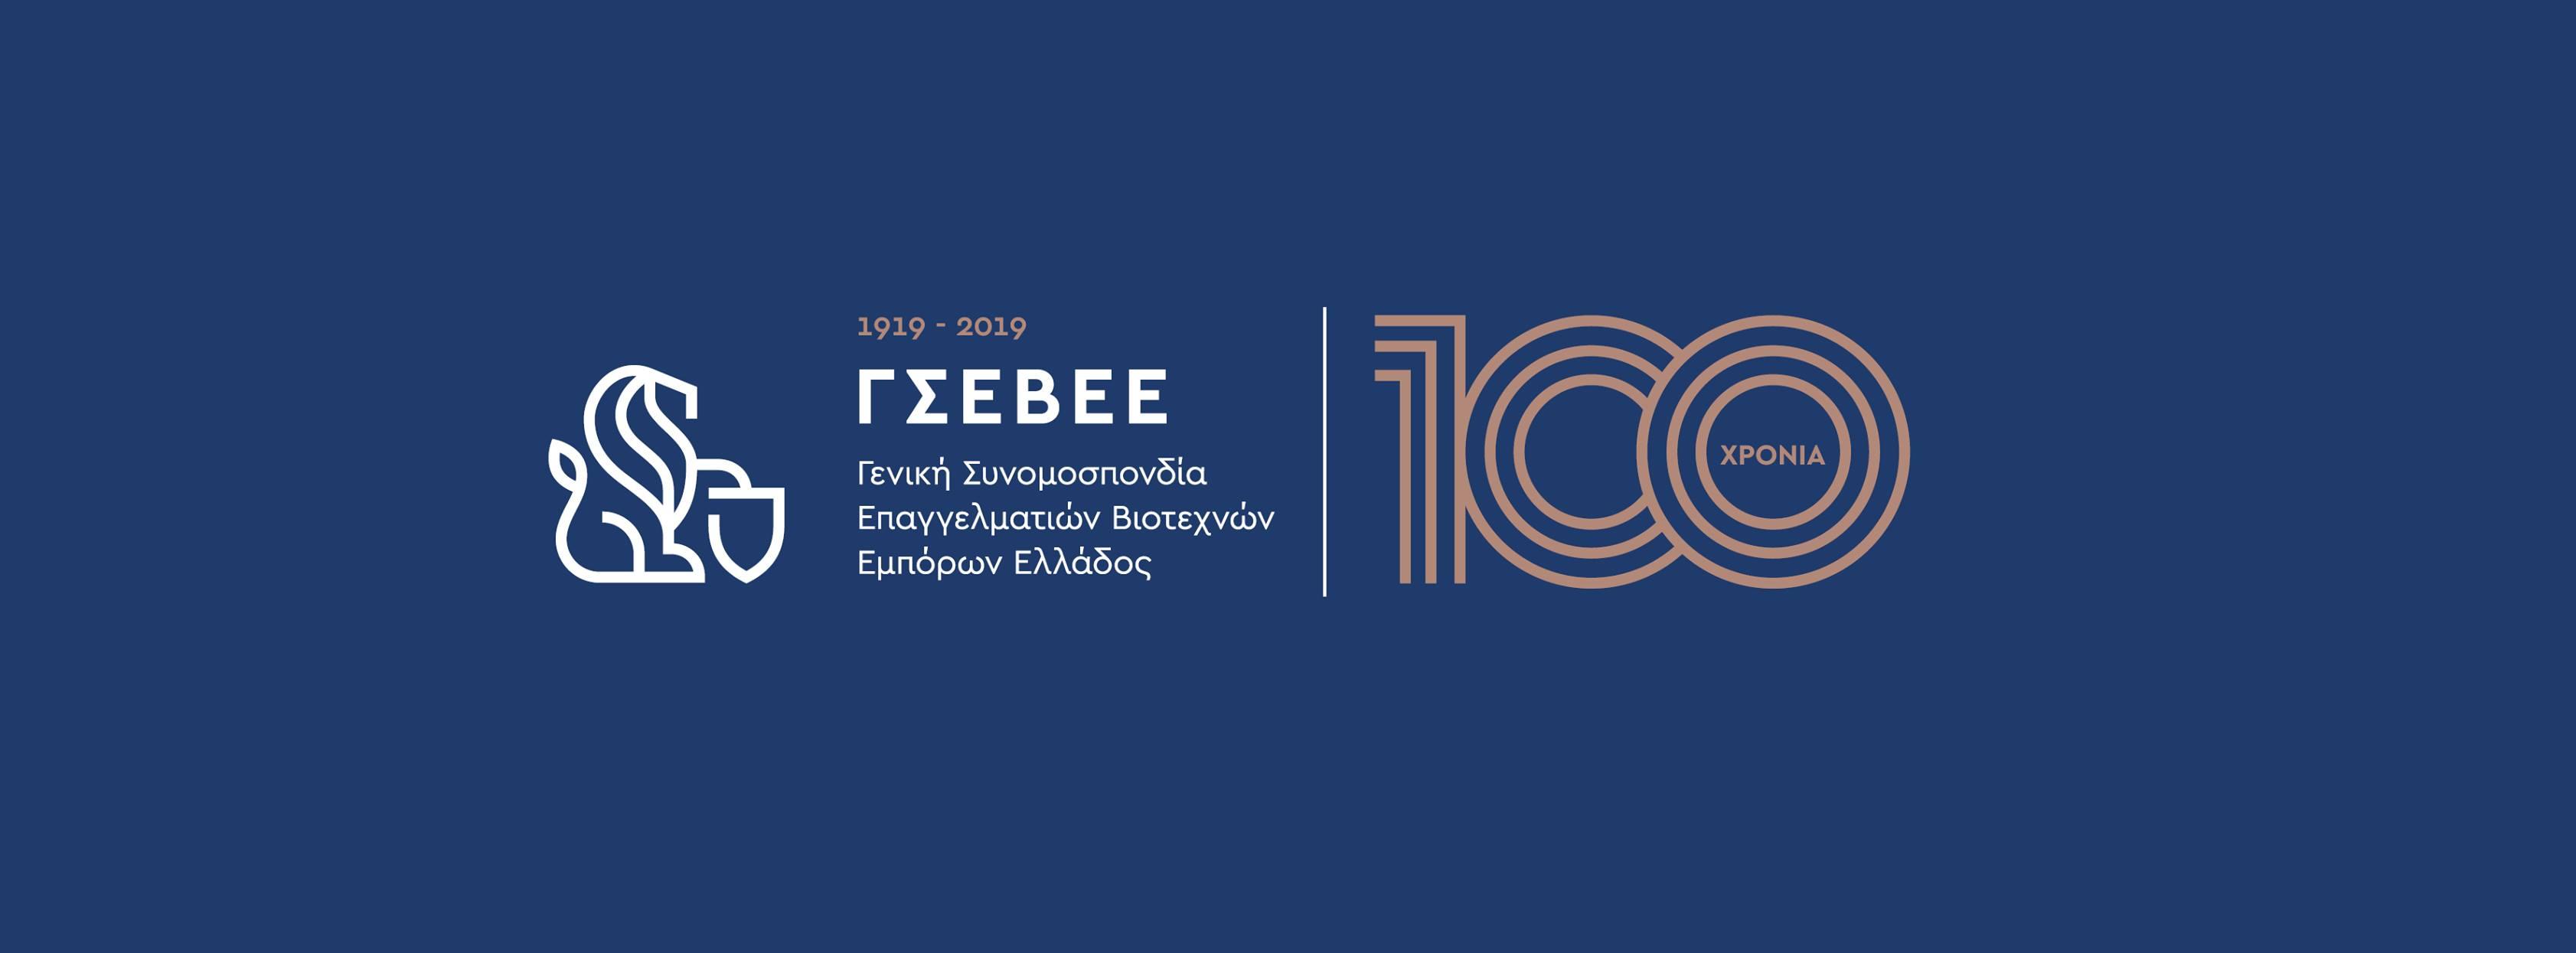 Εκδήλωση για τα 100 Χρόνια ΓΣΕΒΕΕ (2/4/2019) – Εκτενές φωτορεπορτάζ